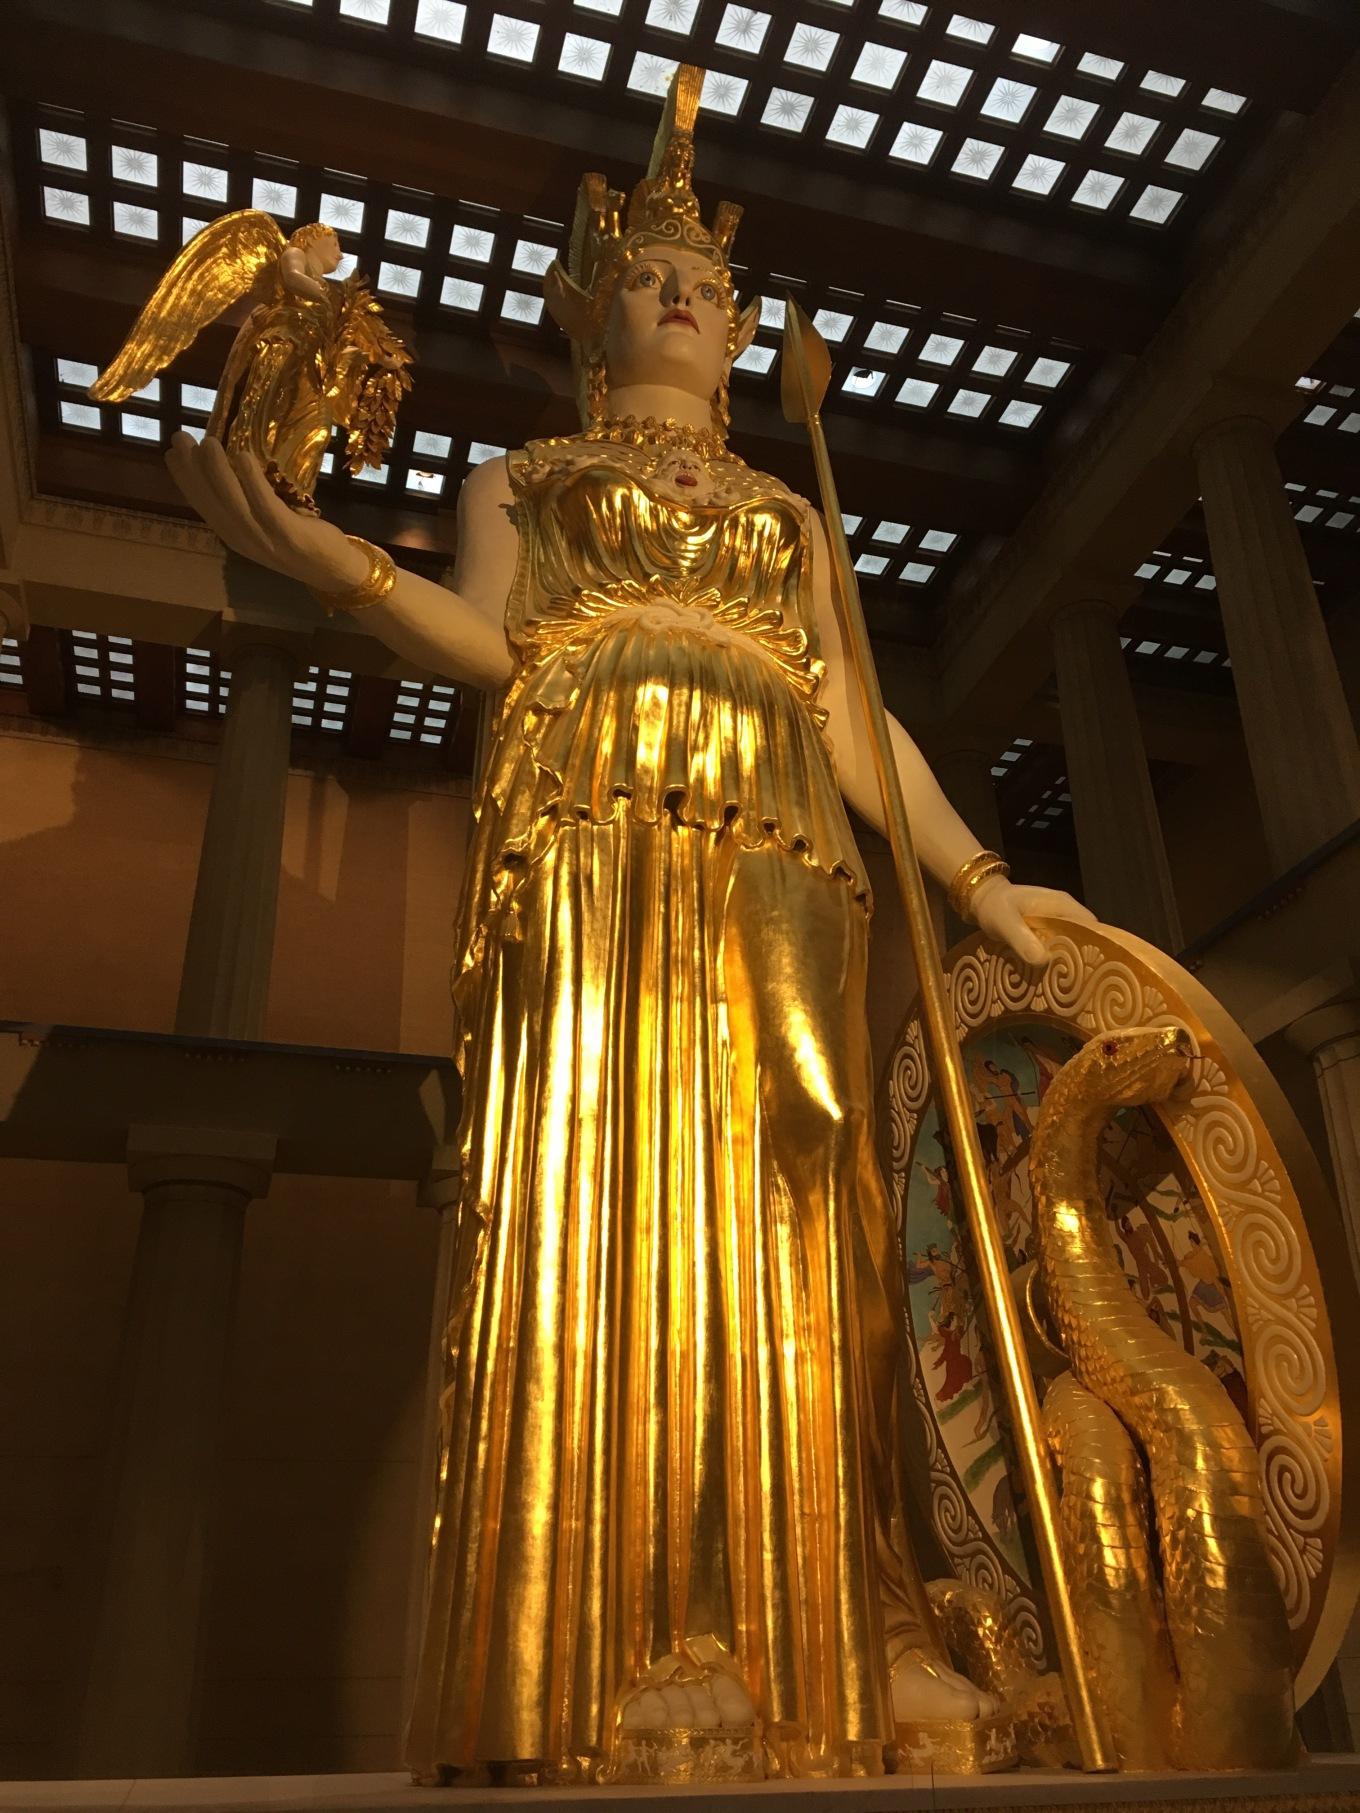 Statue of Athena at the Nashville Parthenon